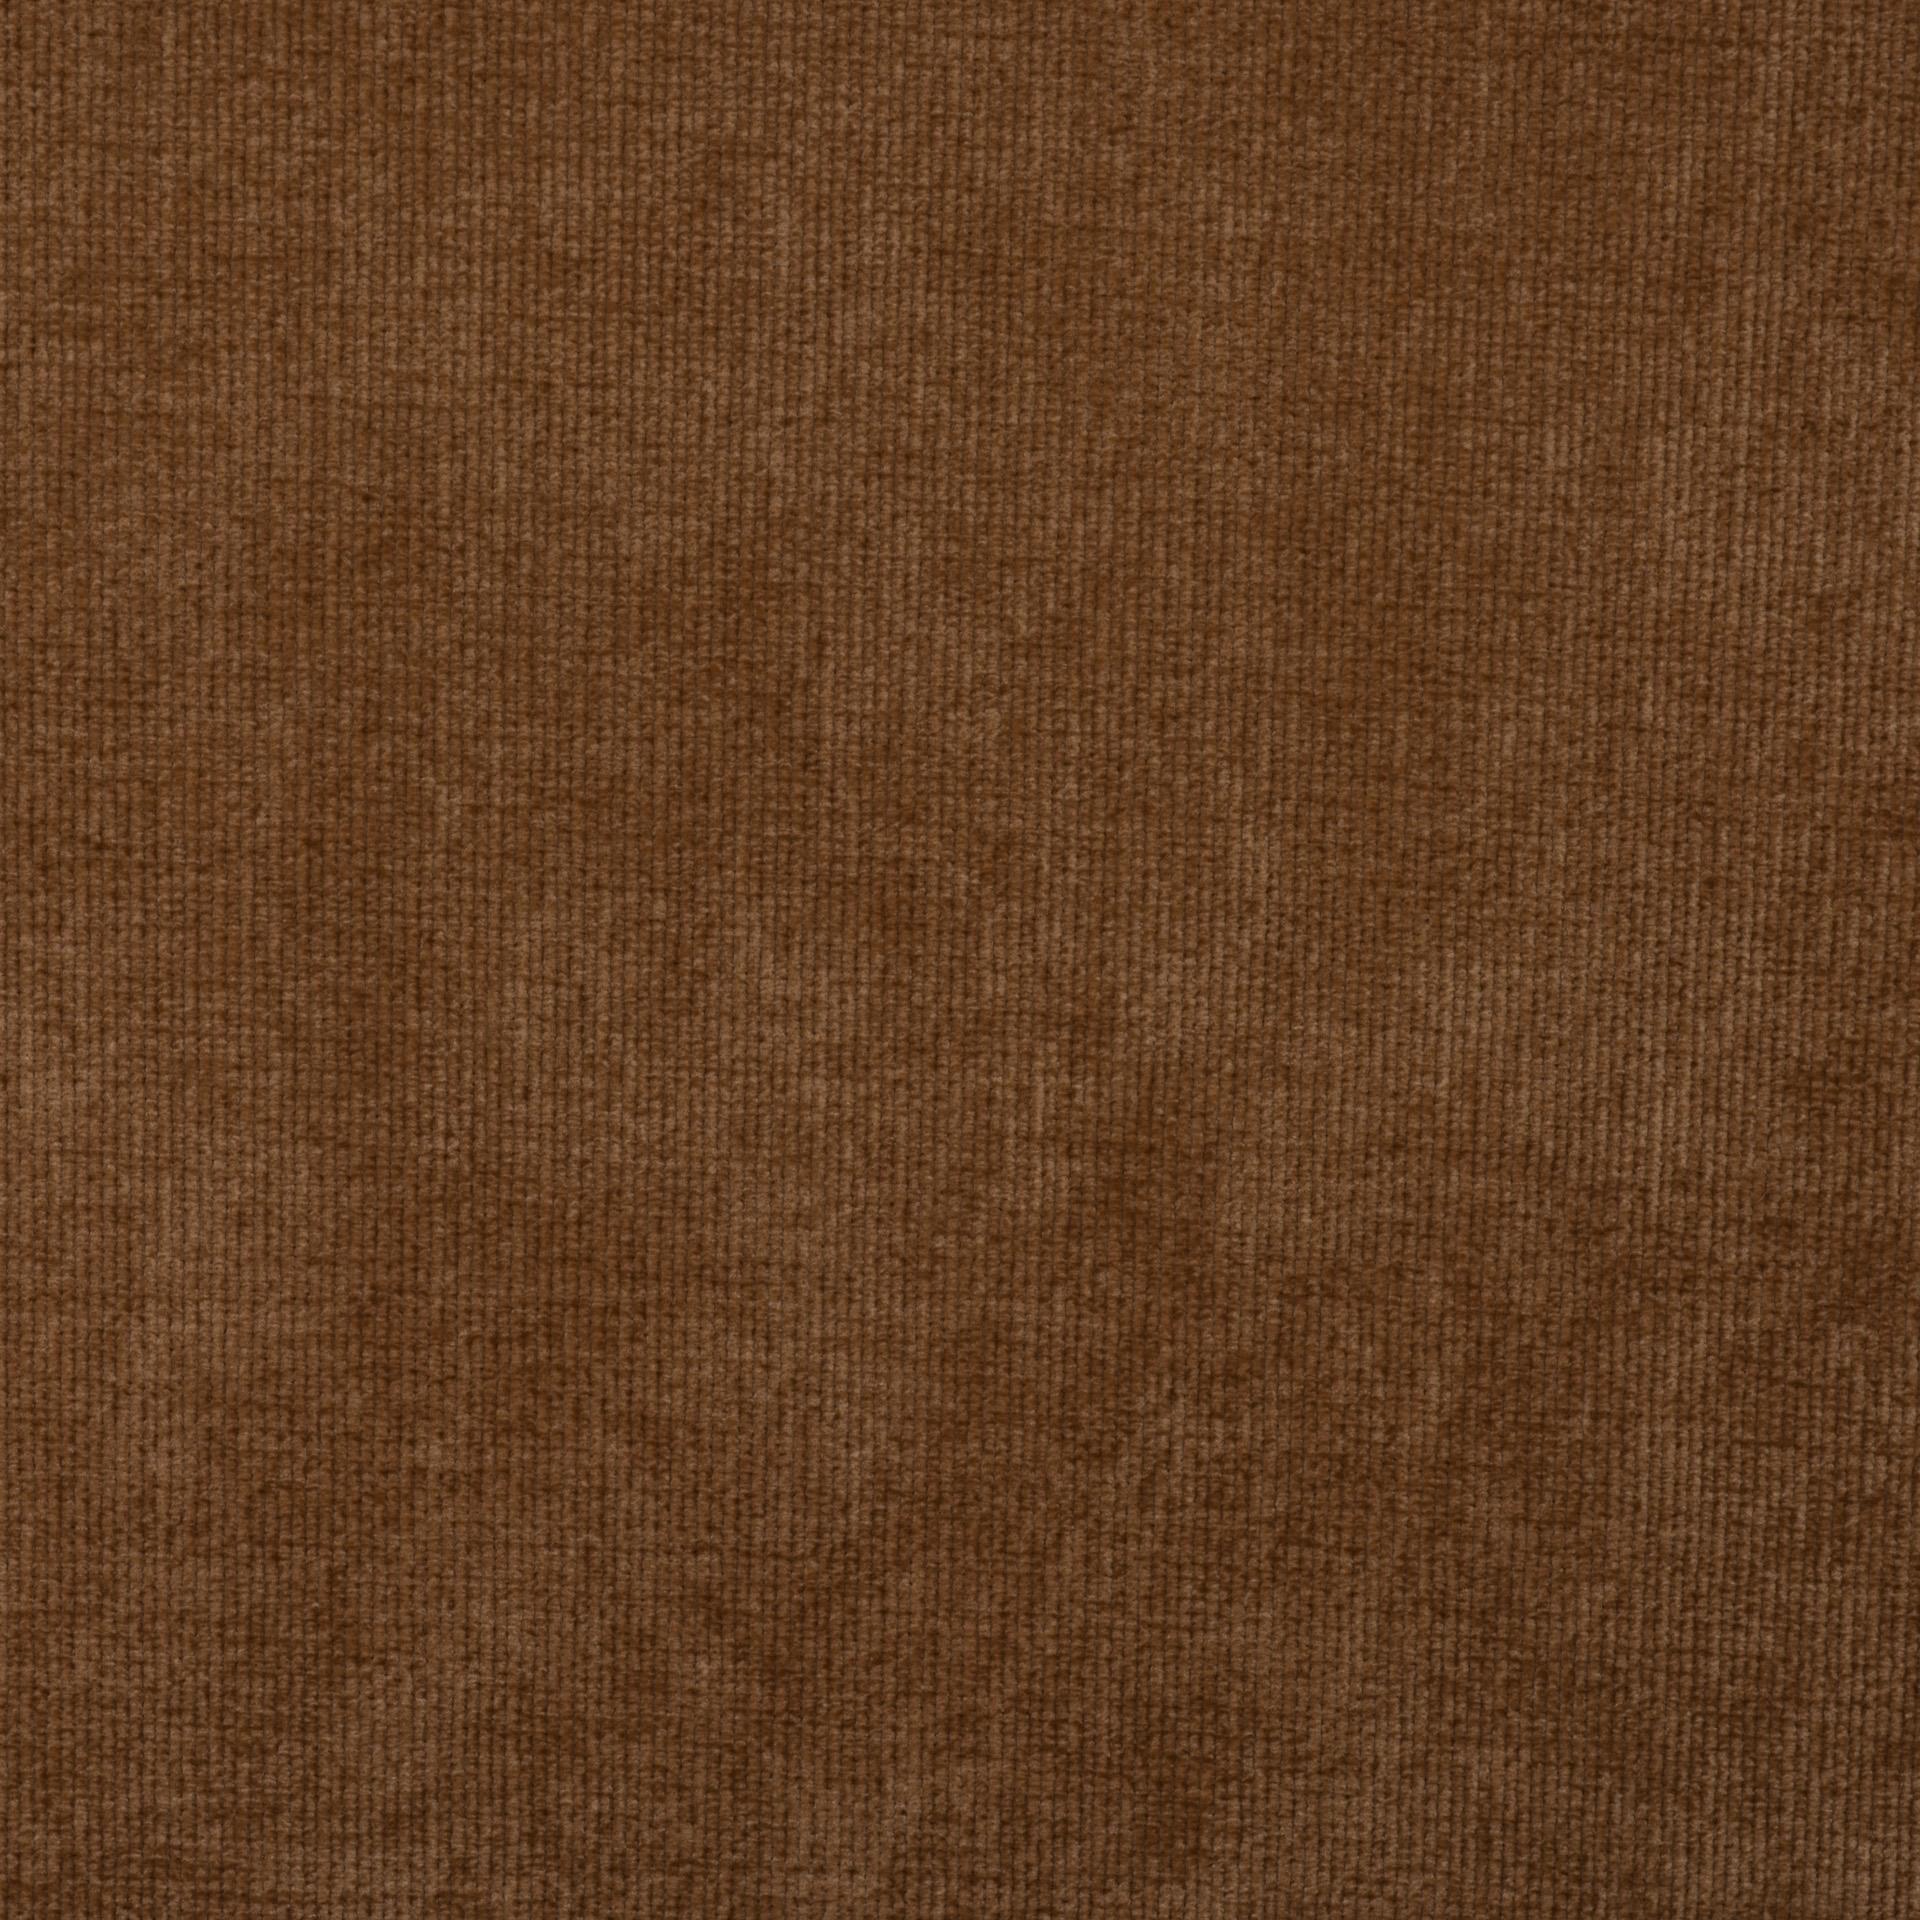 Коллекция ткани Кордрой 278,  купить ткань Велюр для мебели Украина